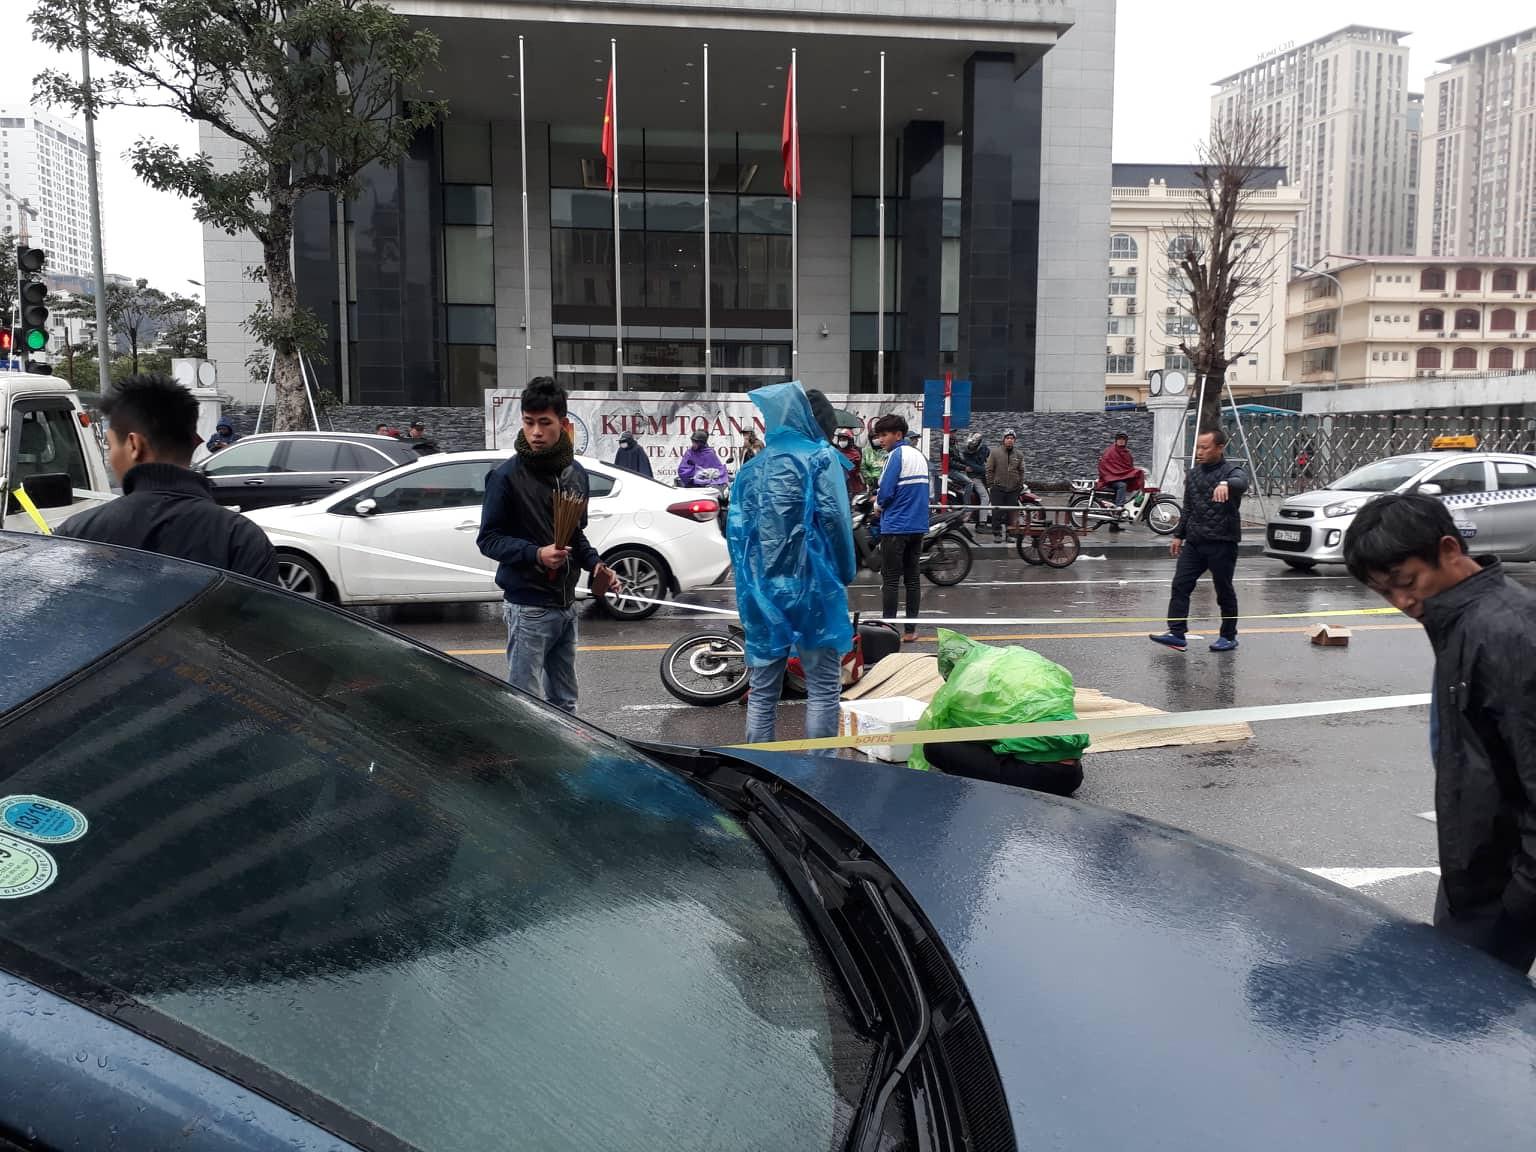 Hà Nội: Xót xa cảnh người đàn ông gục khóc suốt 1 giờ tại hiện trường tai nạn khiến 1 nạn nhân tử vong - Ảnh 4